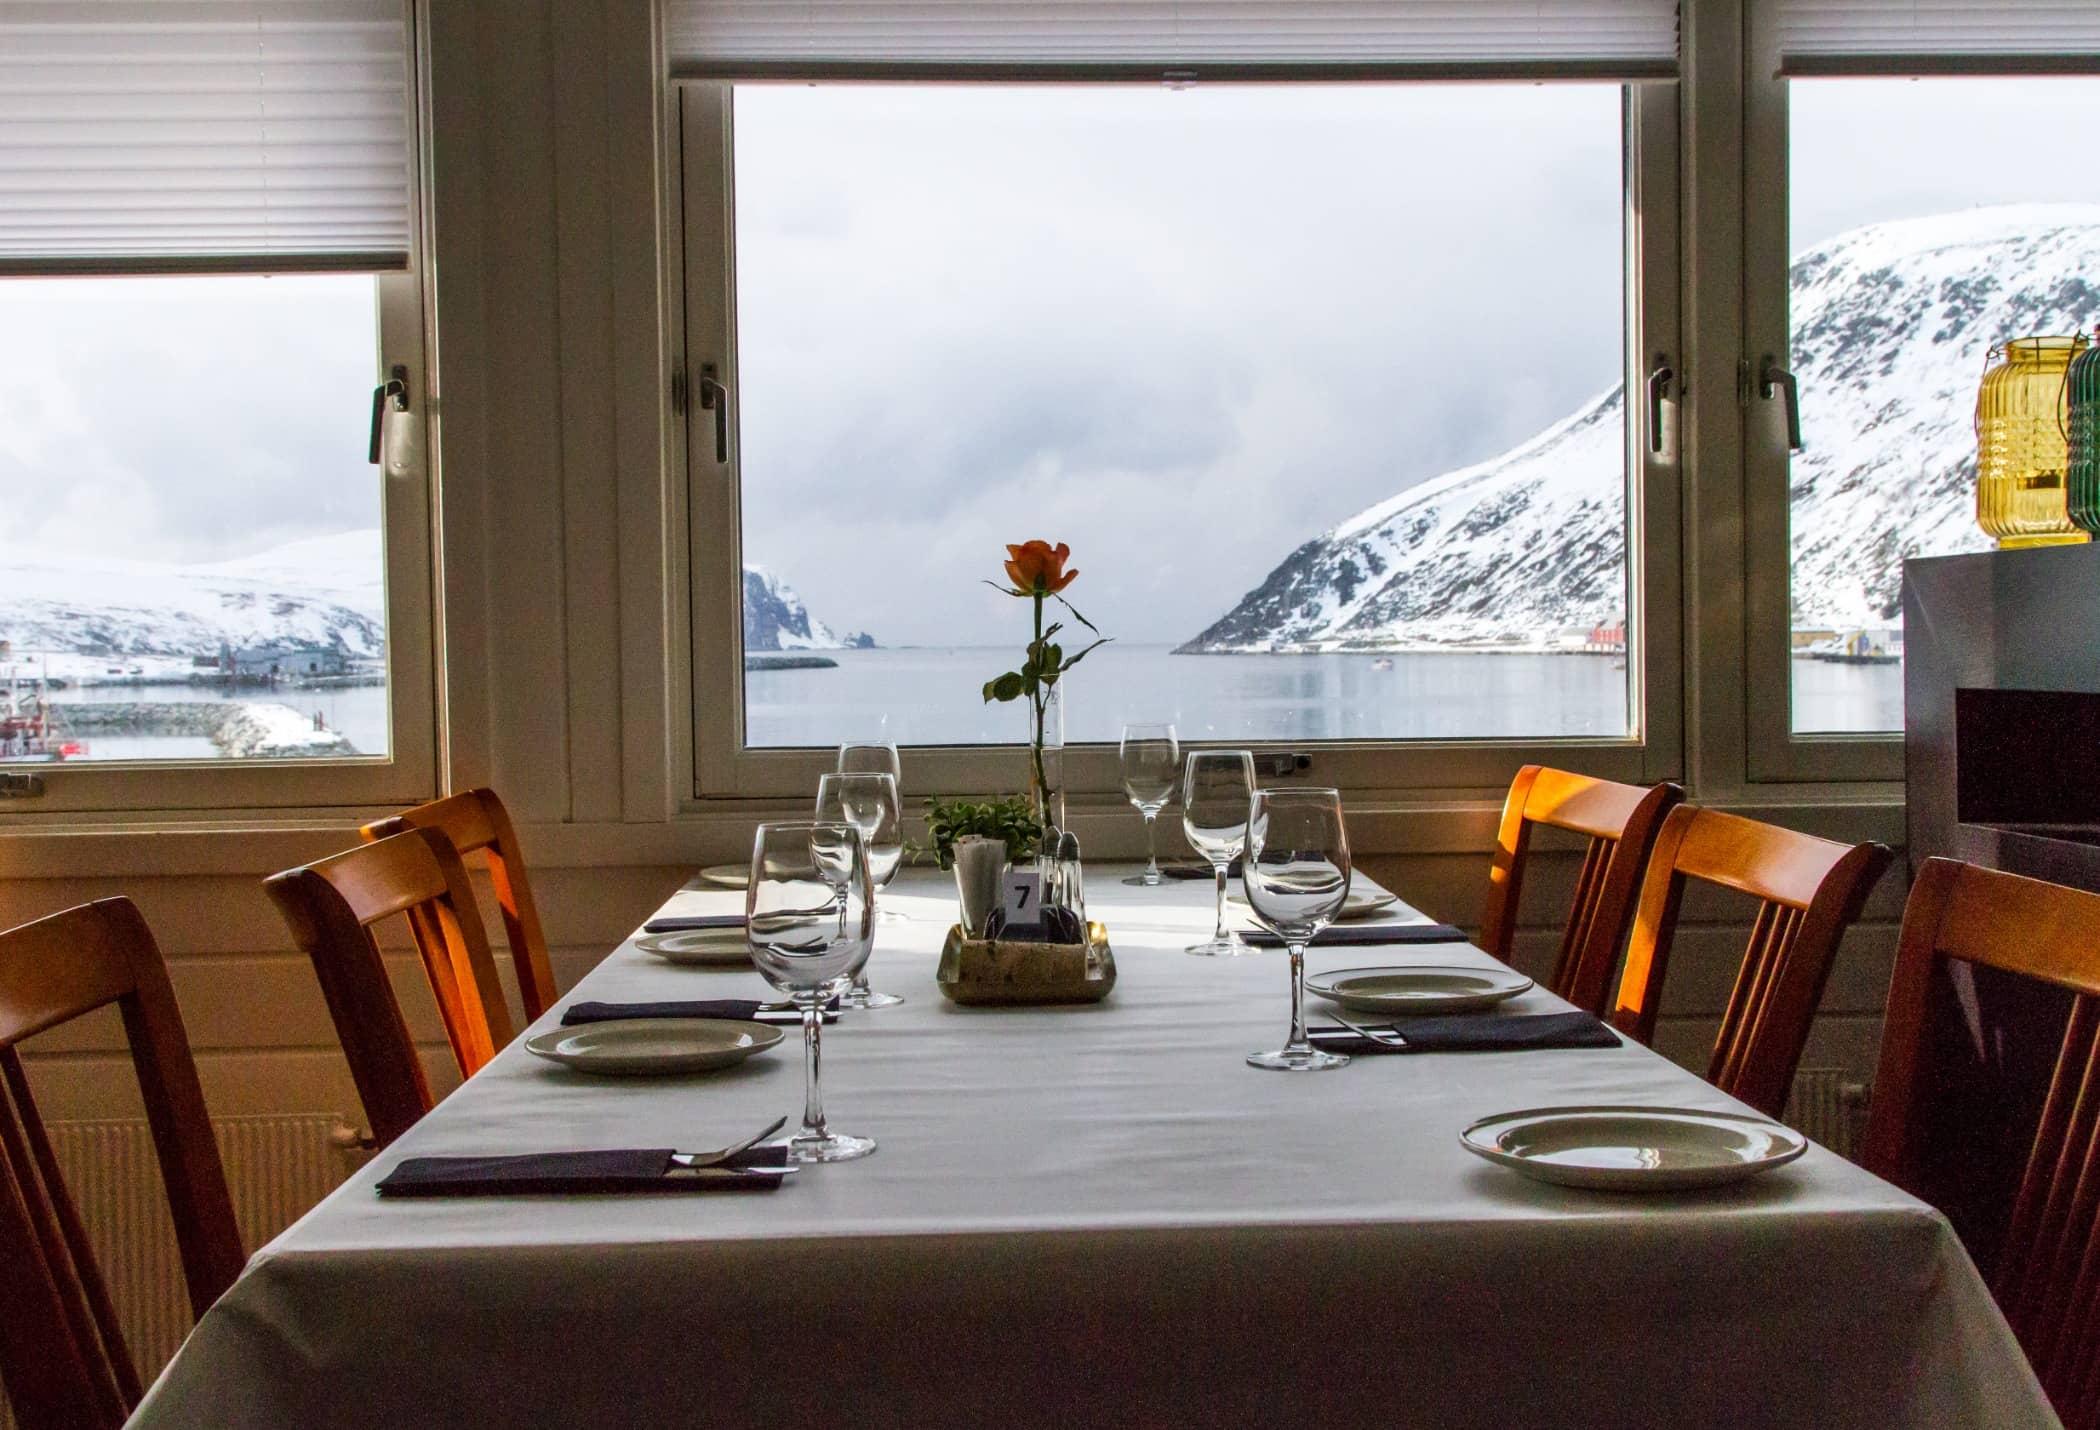 Restaurant med utsikt.jpg